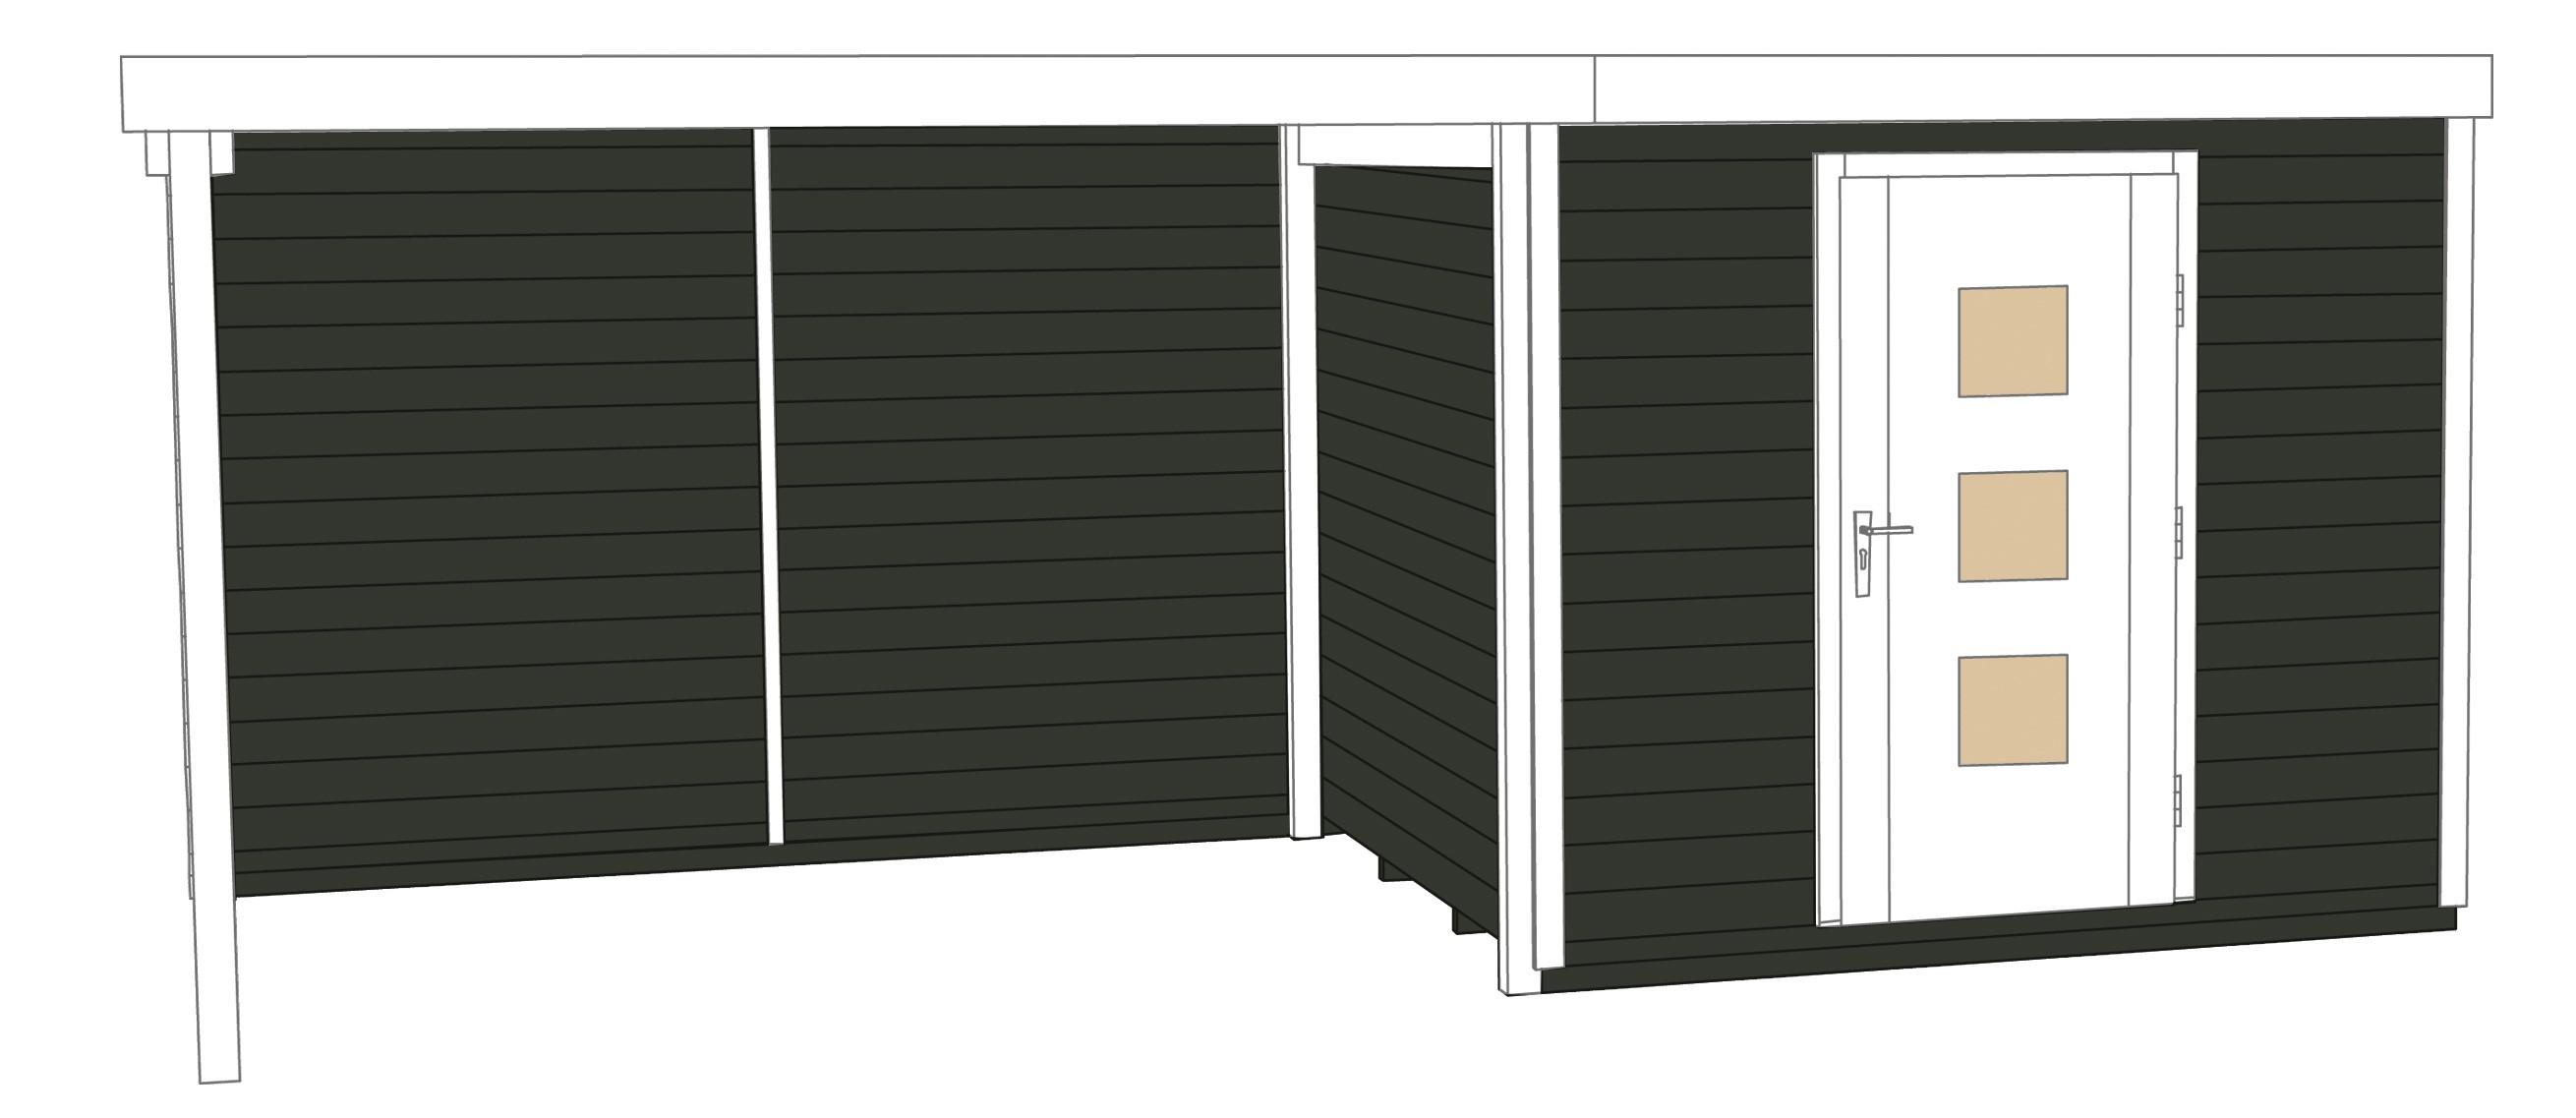 weka gartenhaus designhaus wekaline 413b gr 1 anthrazit 556x260cm bei. Black Bedroom Furniture Sets. Home Design Ideas